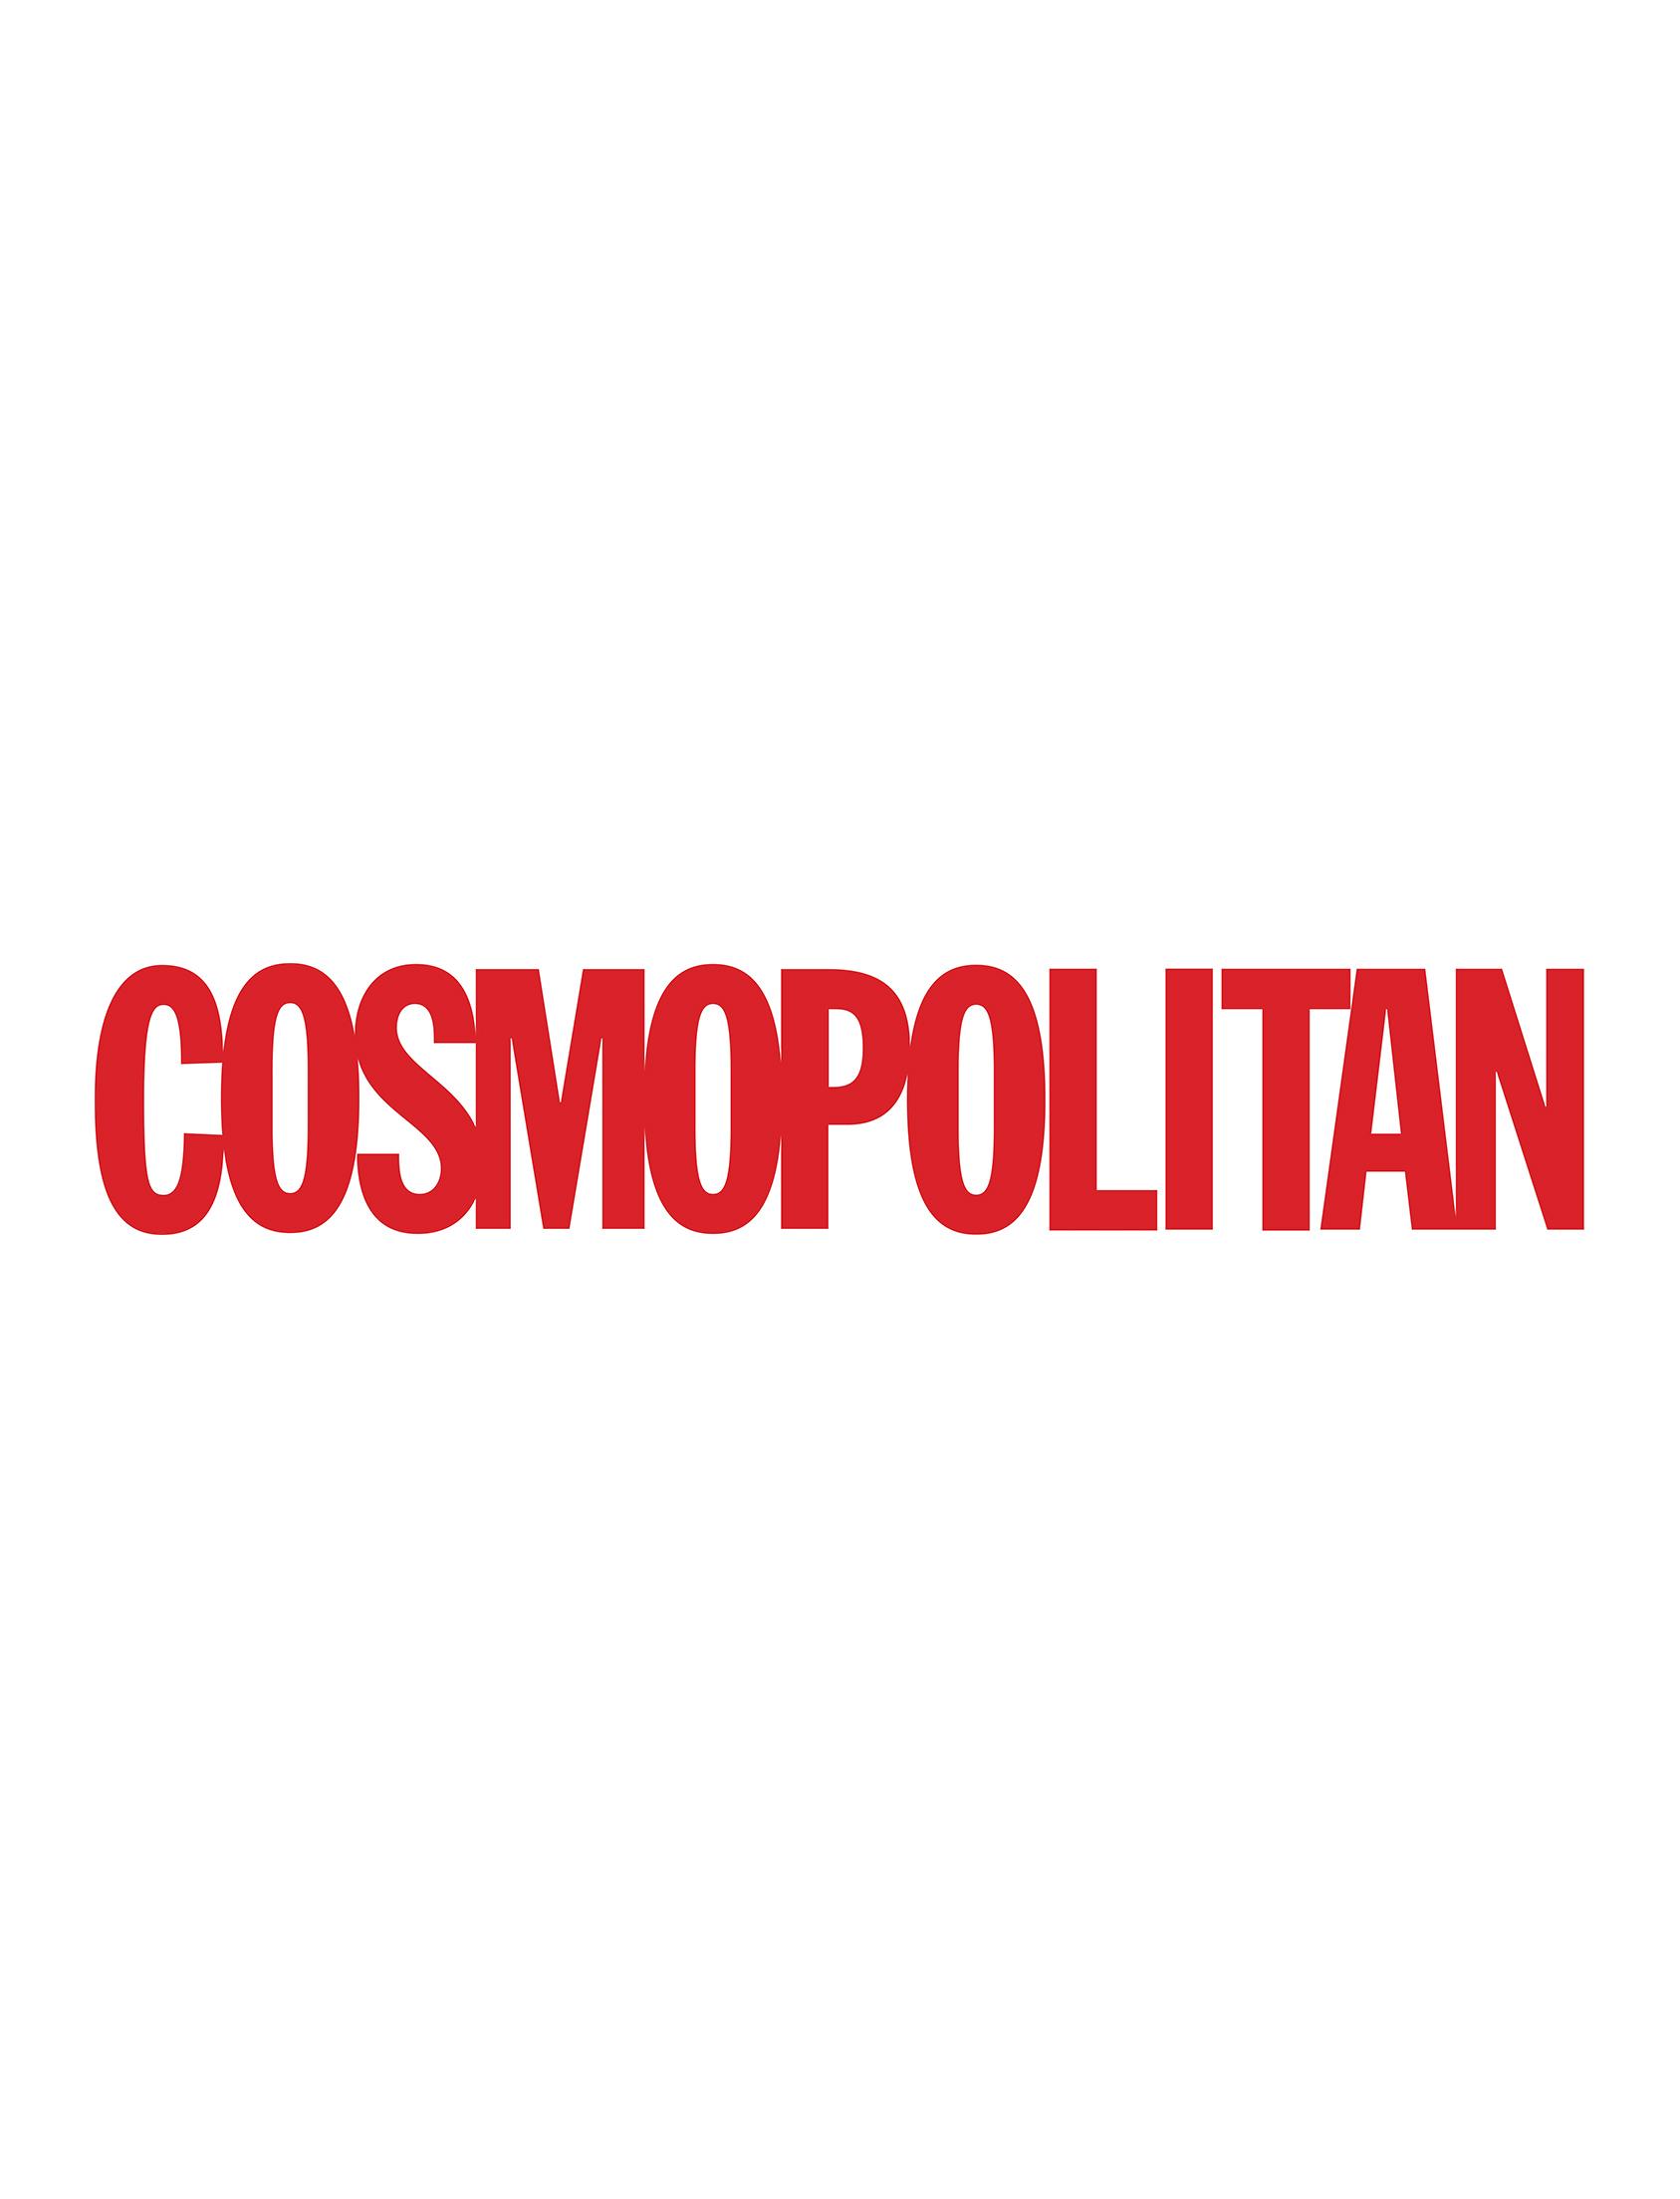 cosmopolitan_plate.jpg